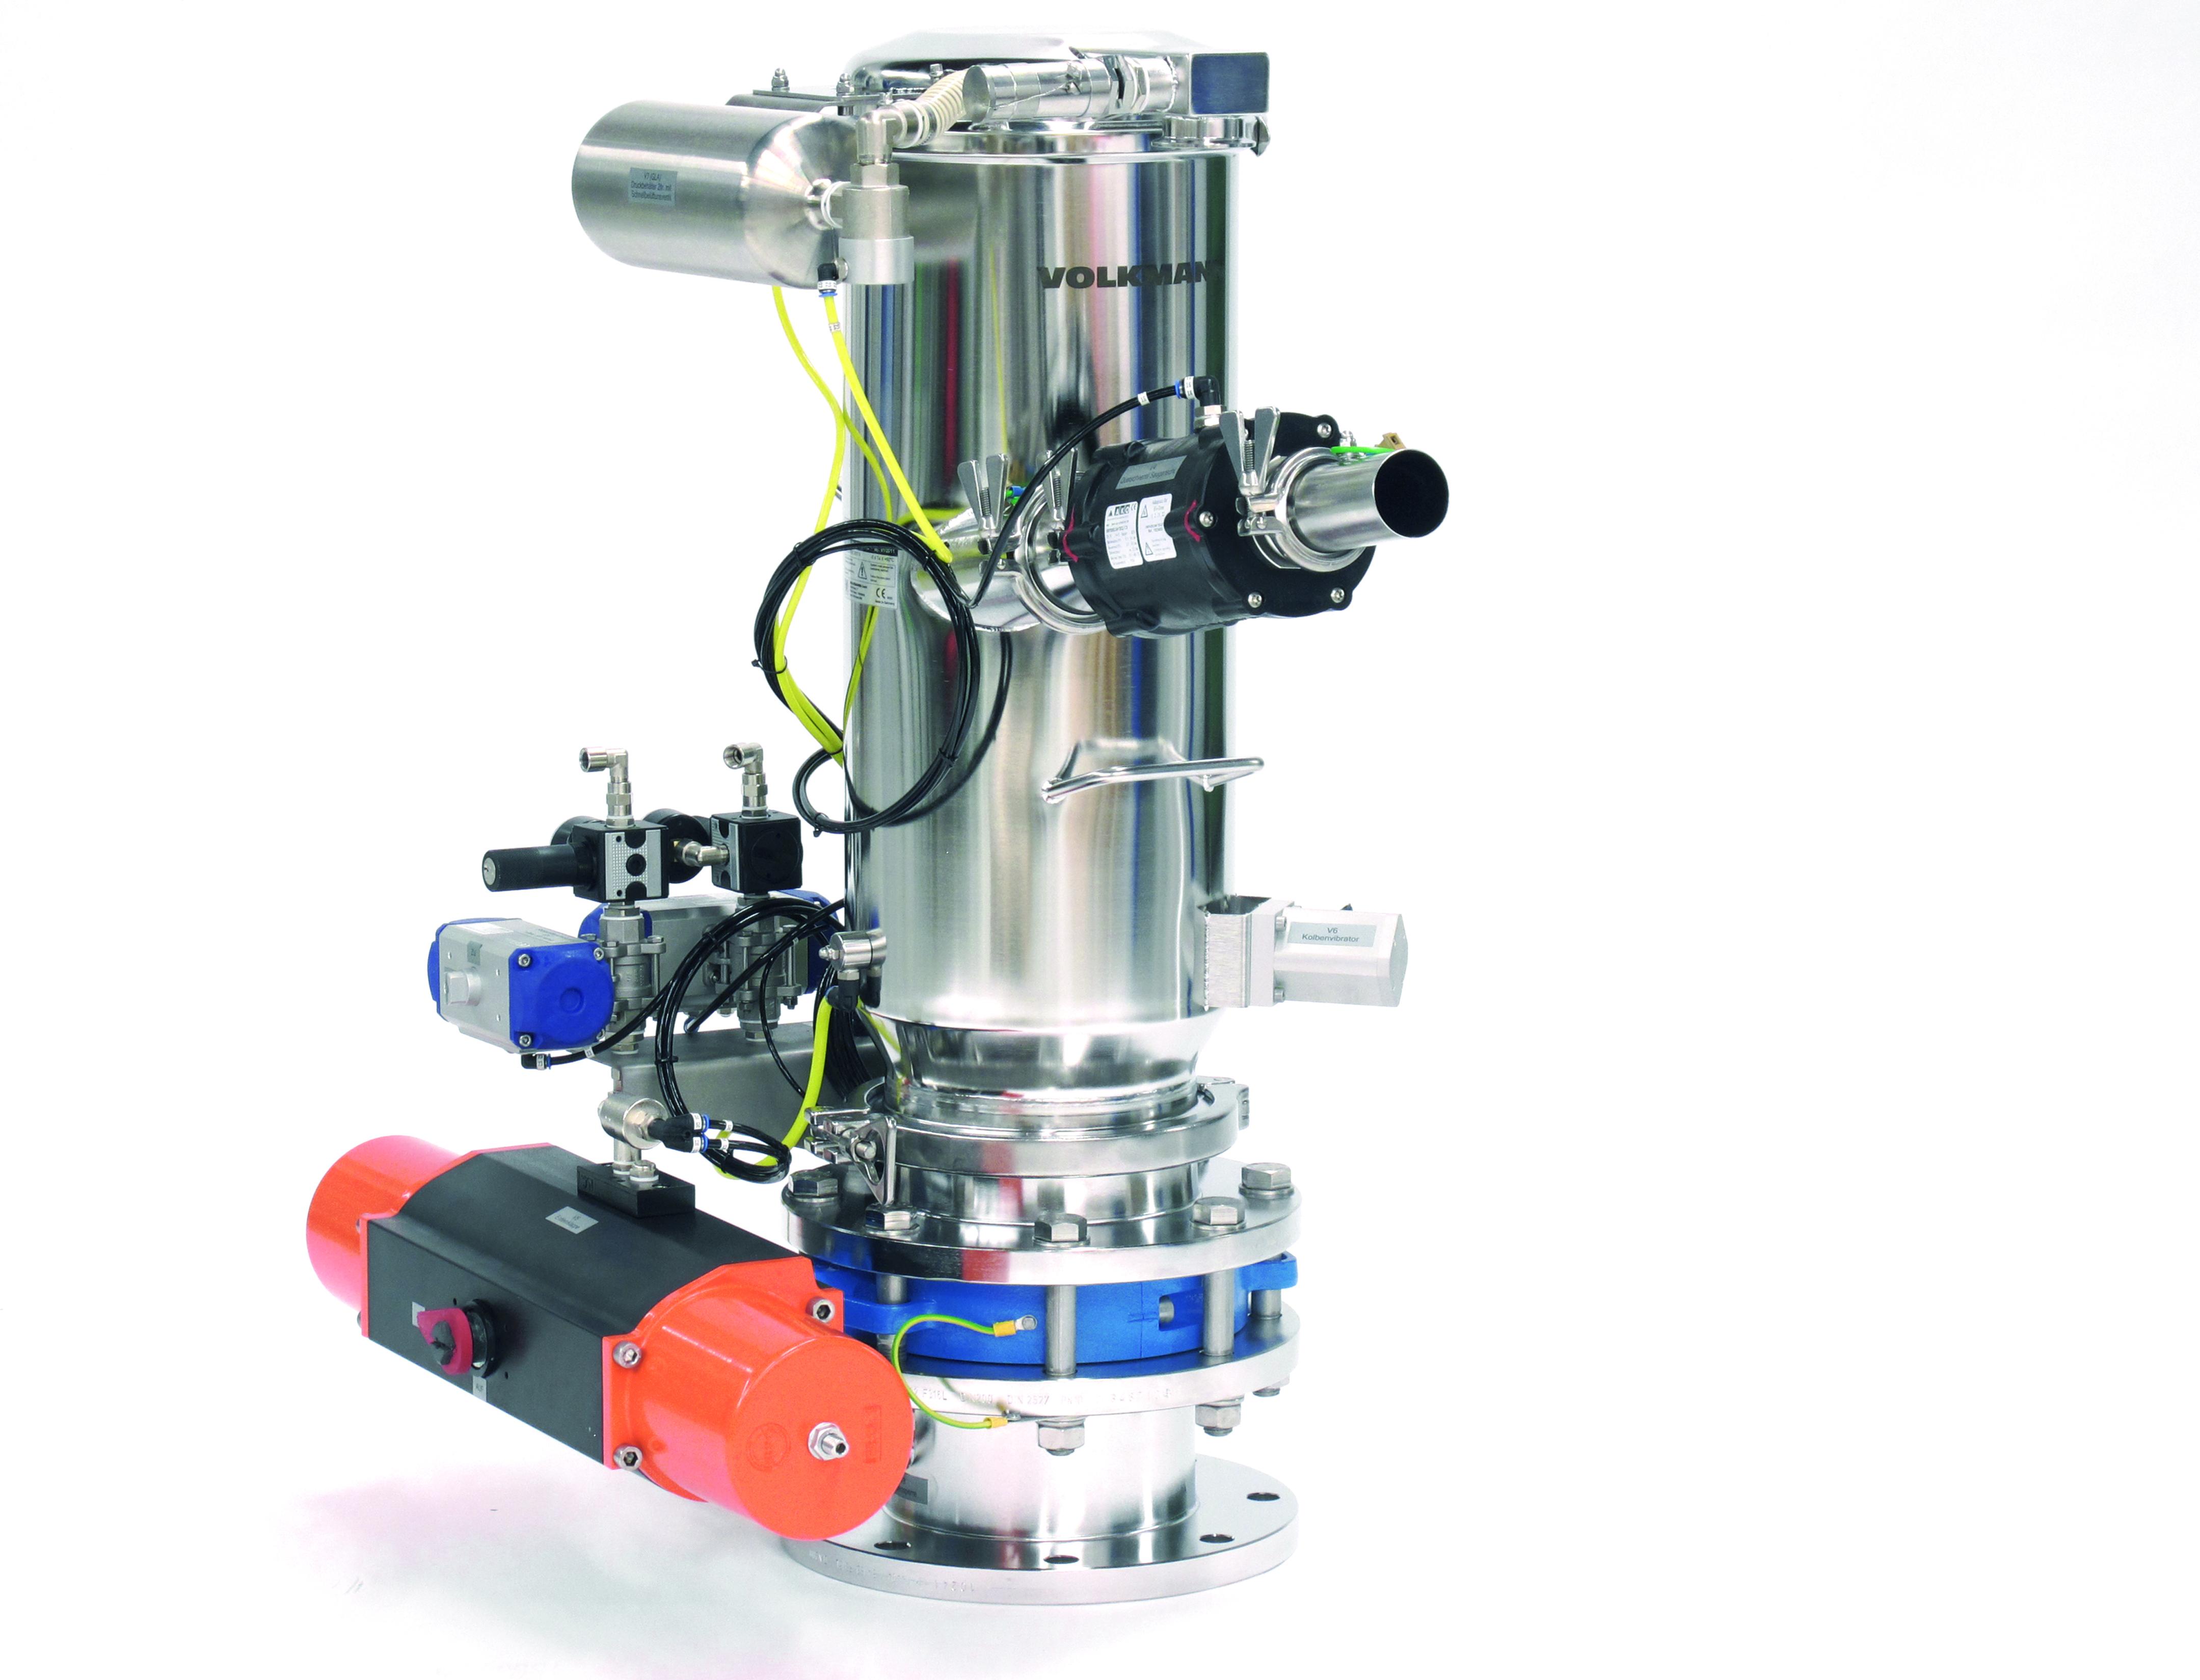 INEX Vakuumförderer